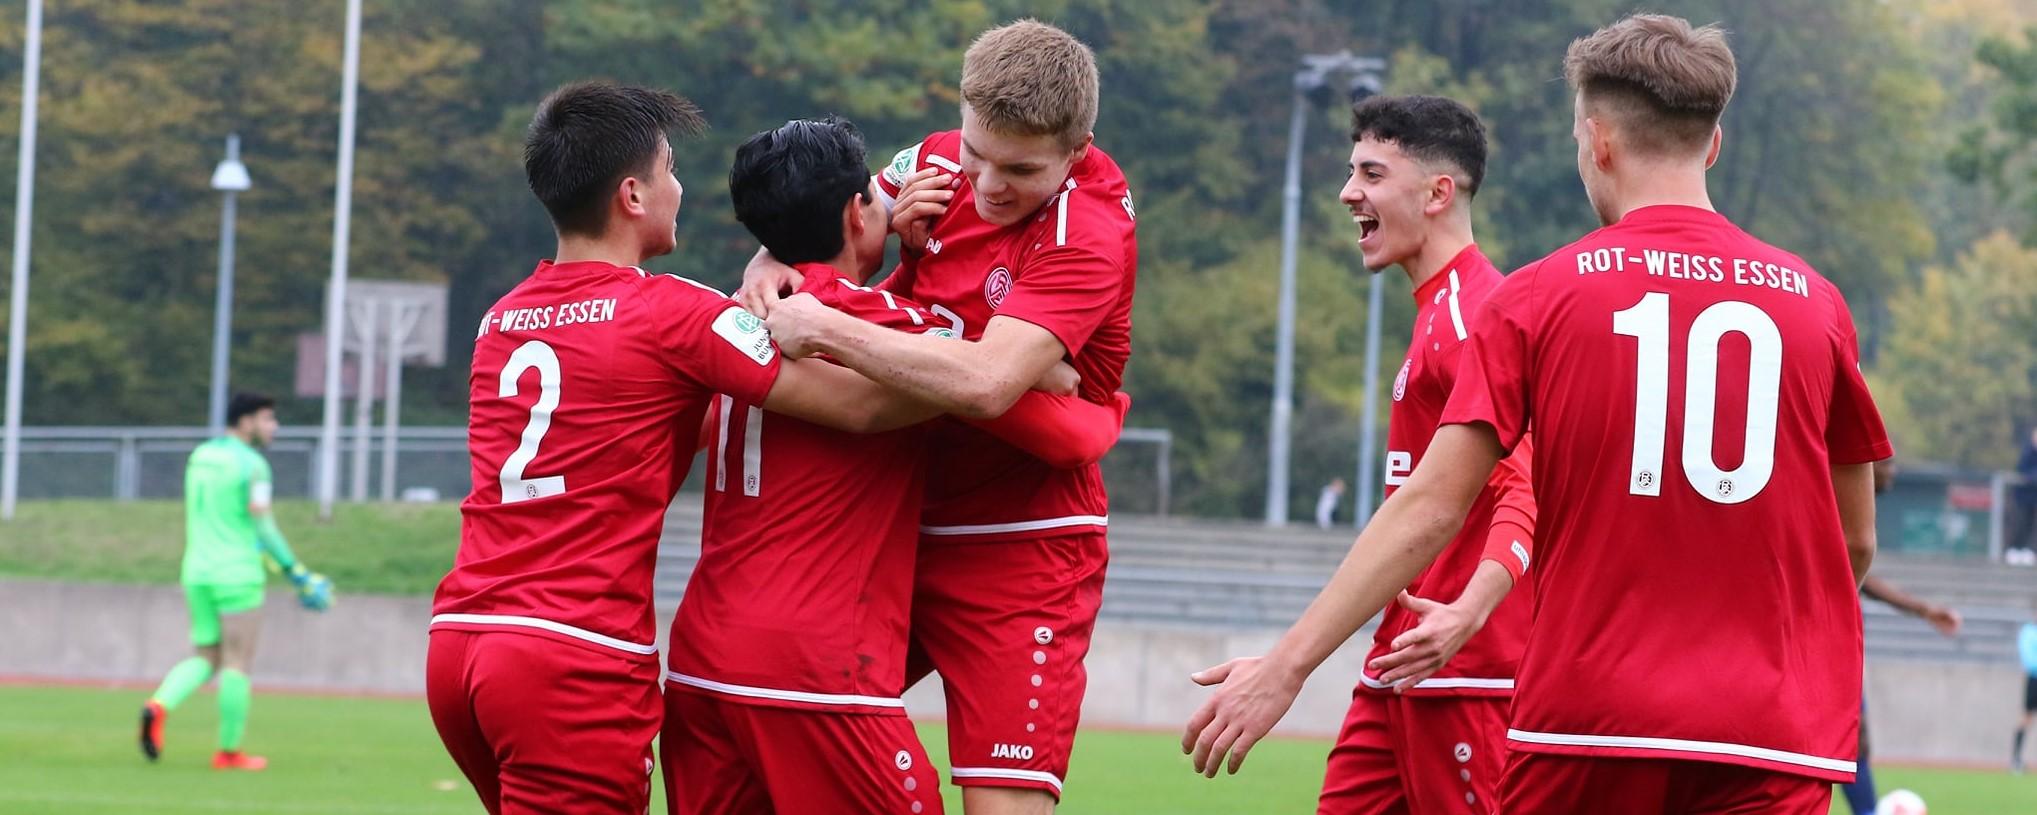 Derby-Sieg für die U19: RWE gewinnt mit 2:0 gegen Wuppertal. (Foto: Breilmannswiese)